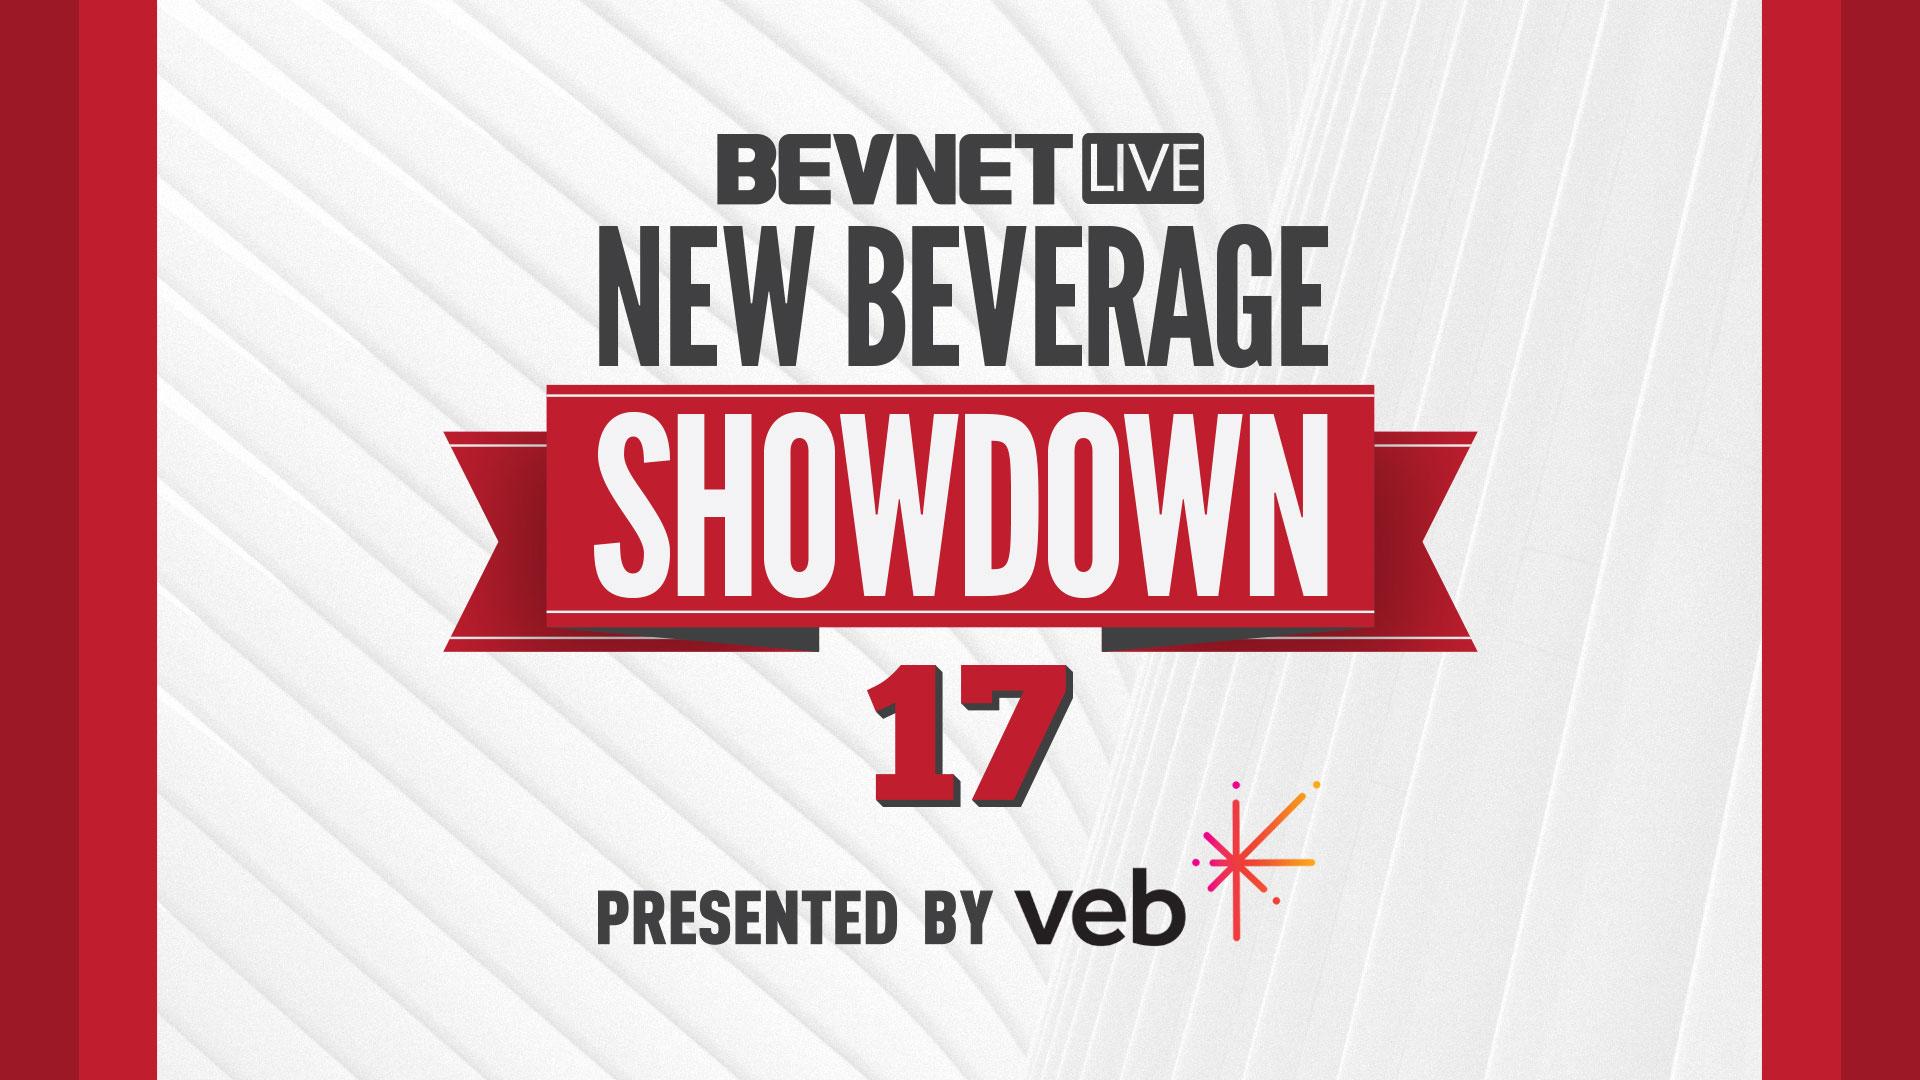 BevNET Live Summer 2019: New Beverage Showdown 17